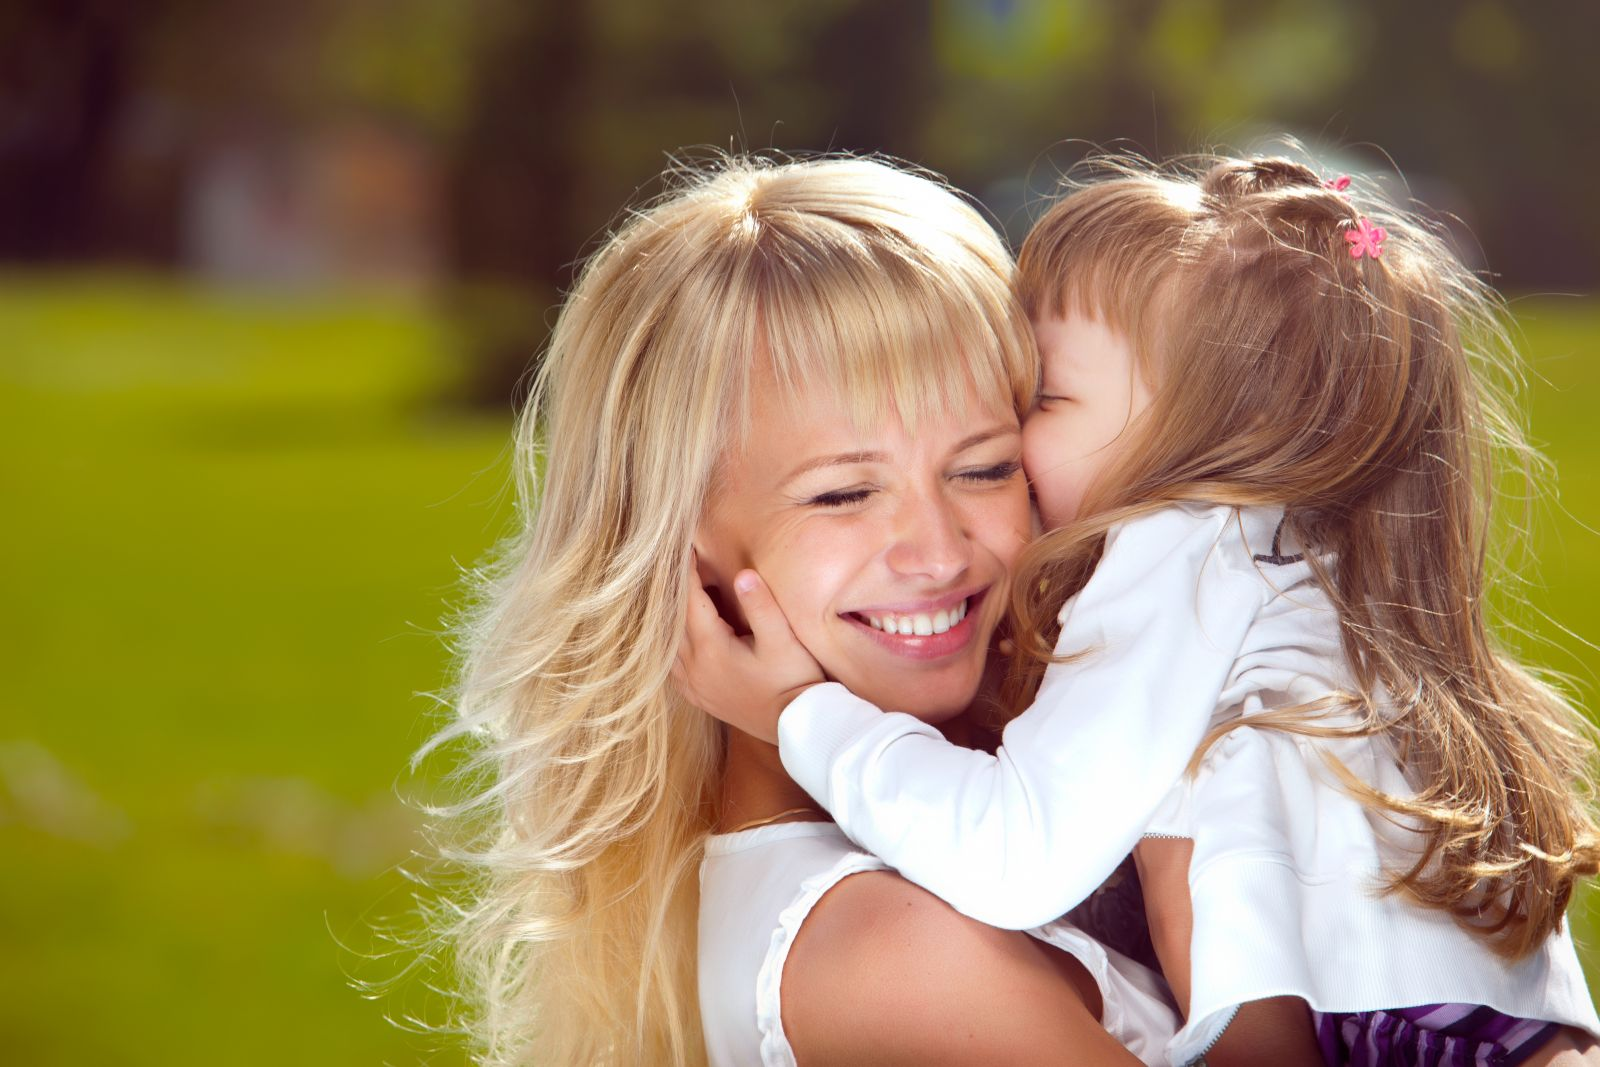 День матери 2015: поздравления в стихах - фото №4